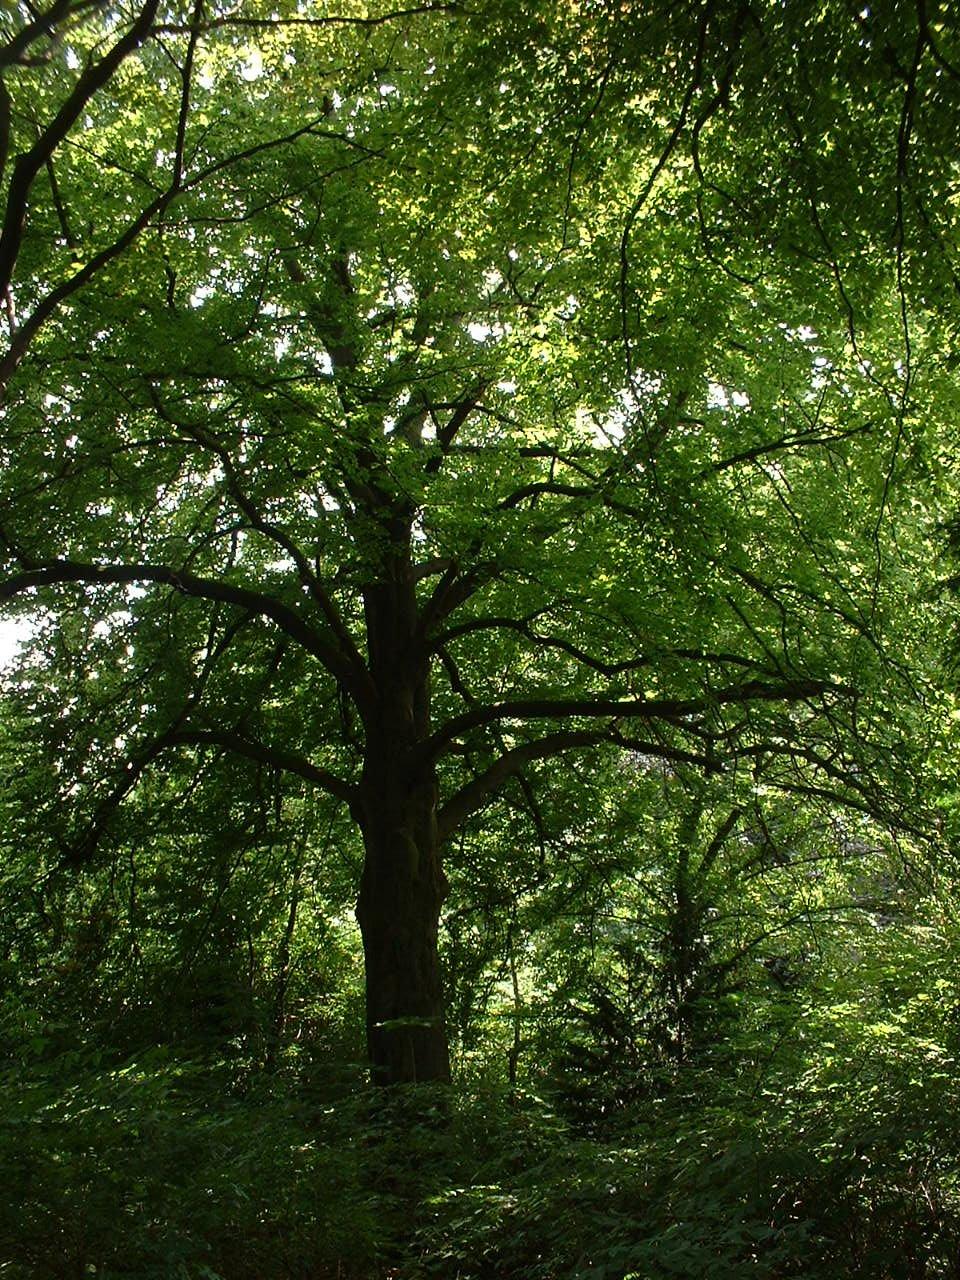 Hêtre d'Europe – Watermael-Boitsfort, Parc privé de l'Institut royal des Sciences naturelles de Belgique et chemin des Chablis, Chemin des Chablis, 4 –  17 Juillet 2002